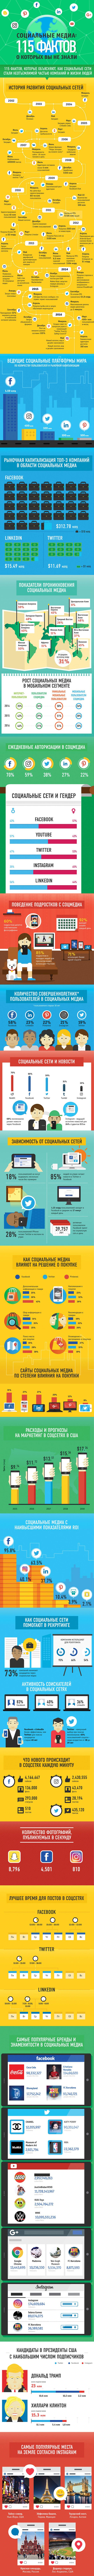 Инфографика - 115 фактов о соц.медиа